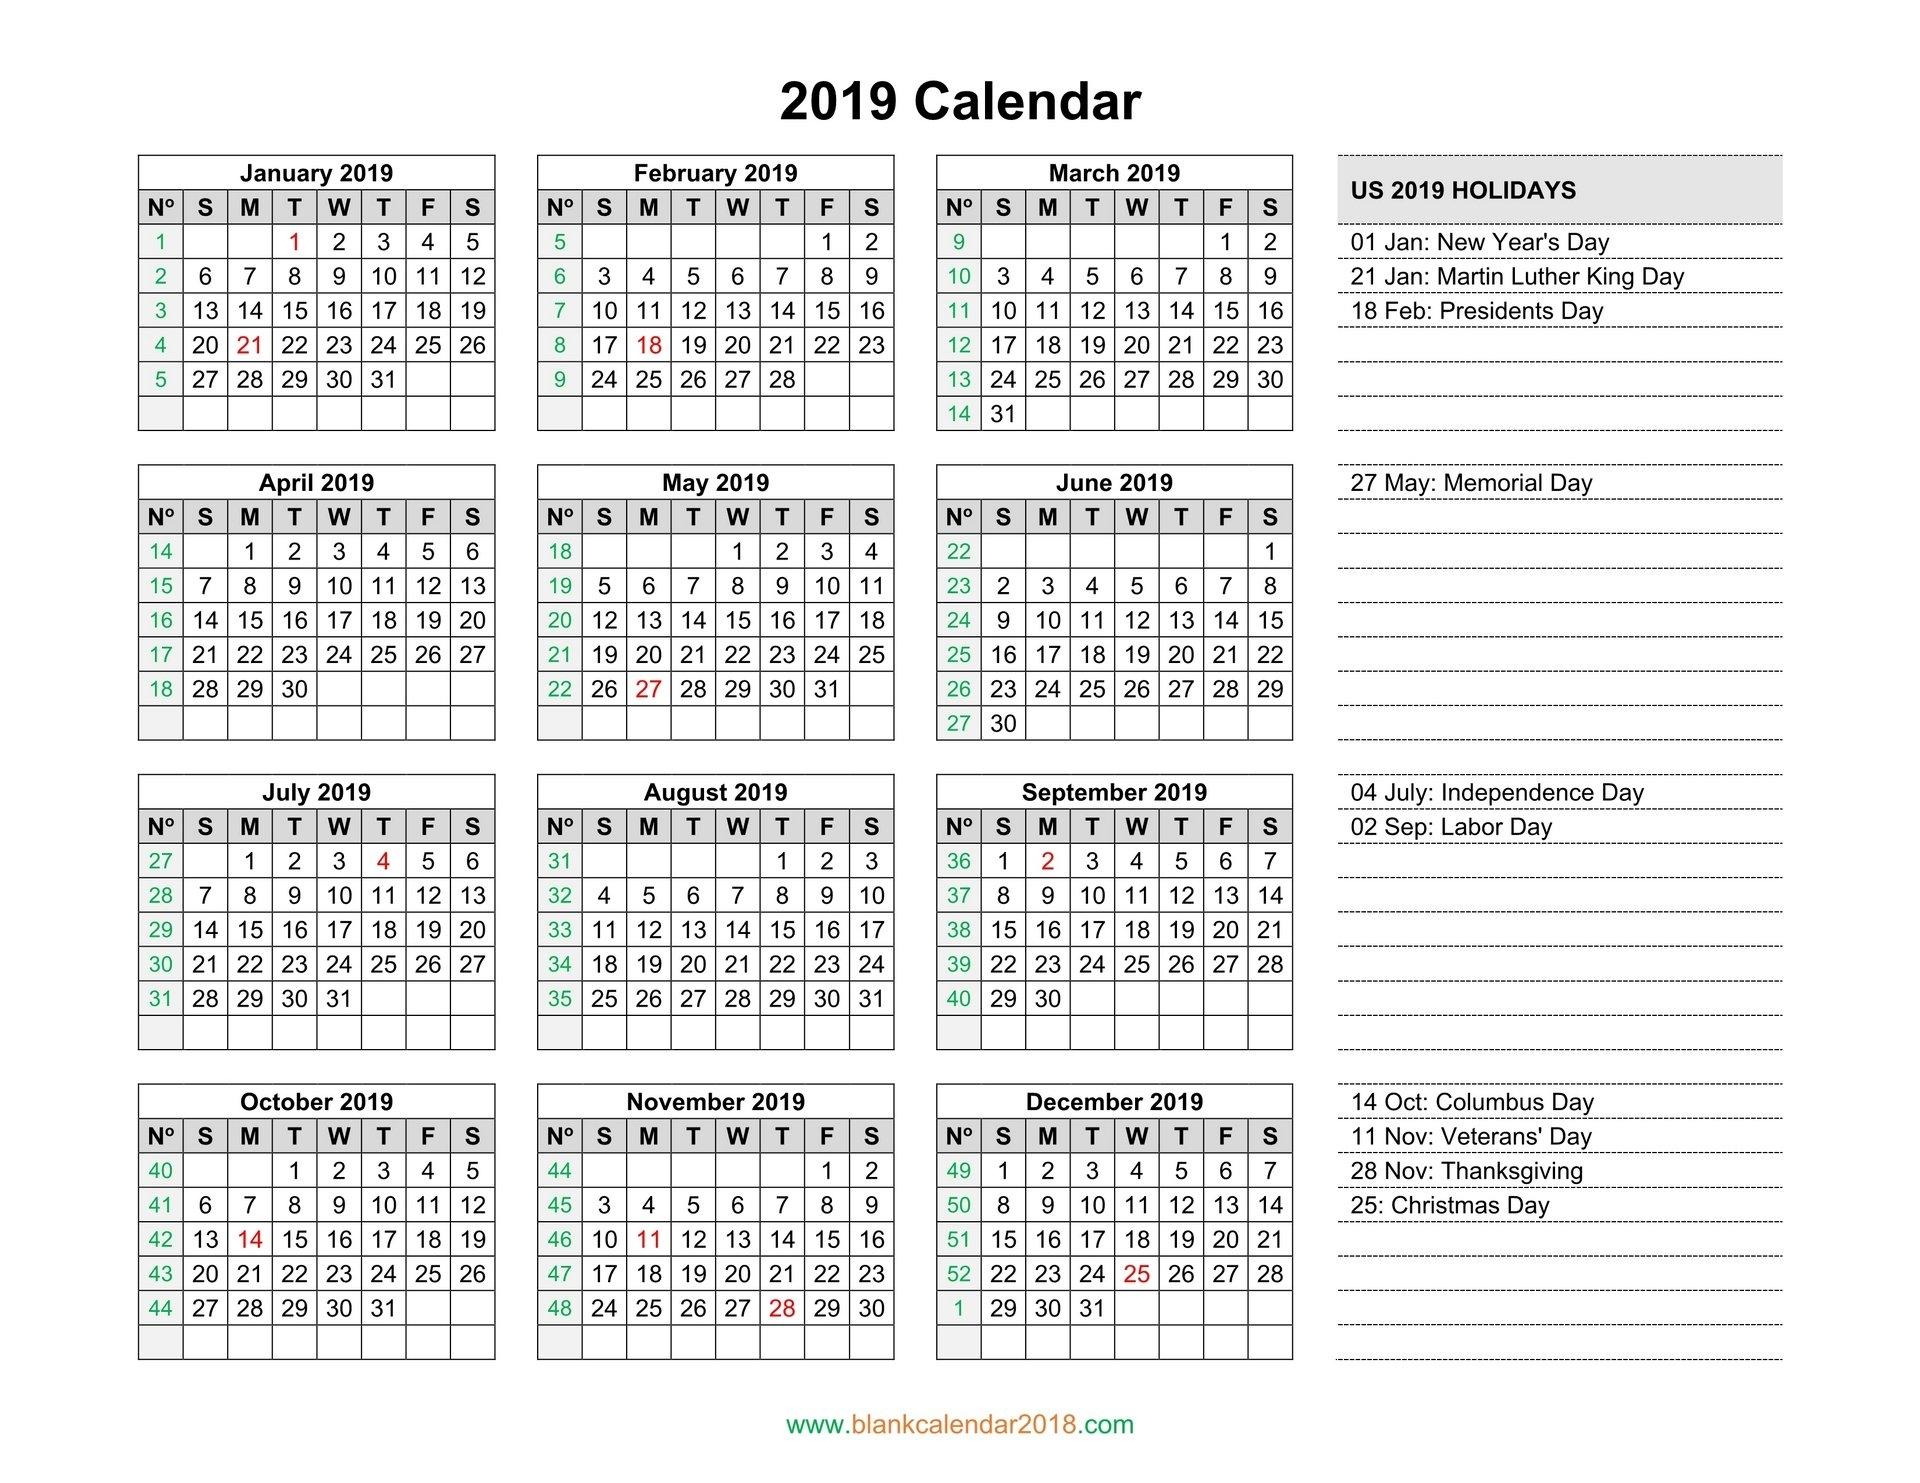 Blank Calendar 2019 Calendar 2019 With Holidays